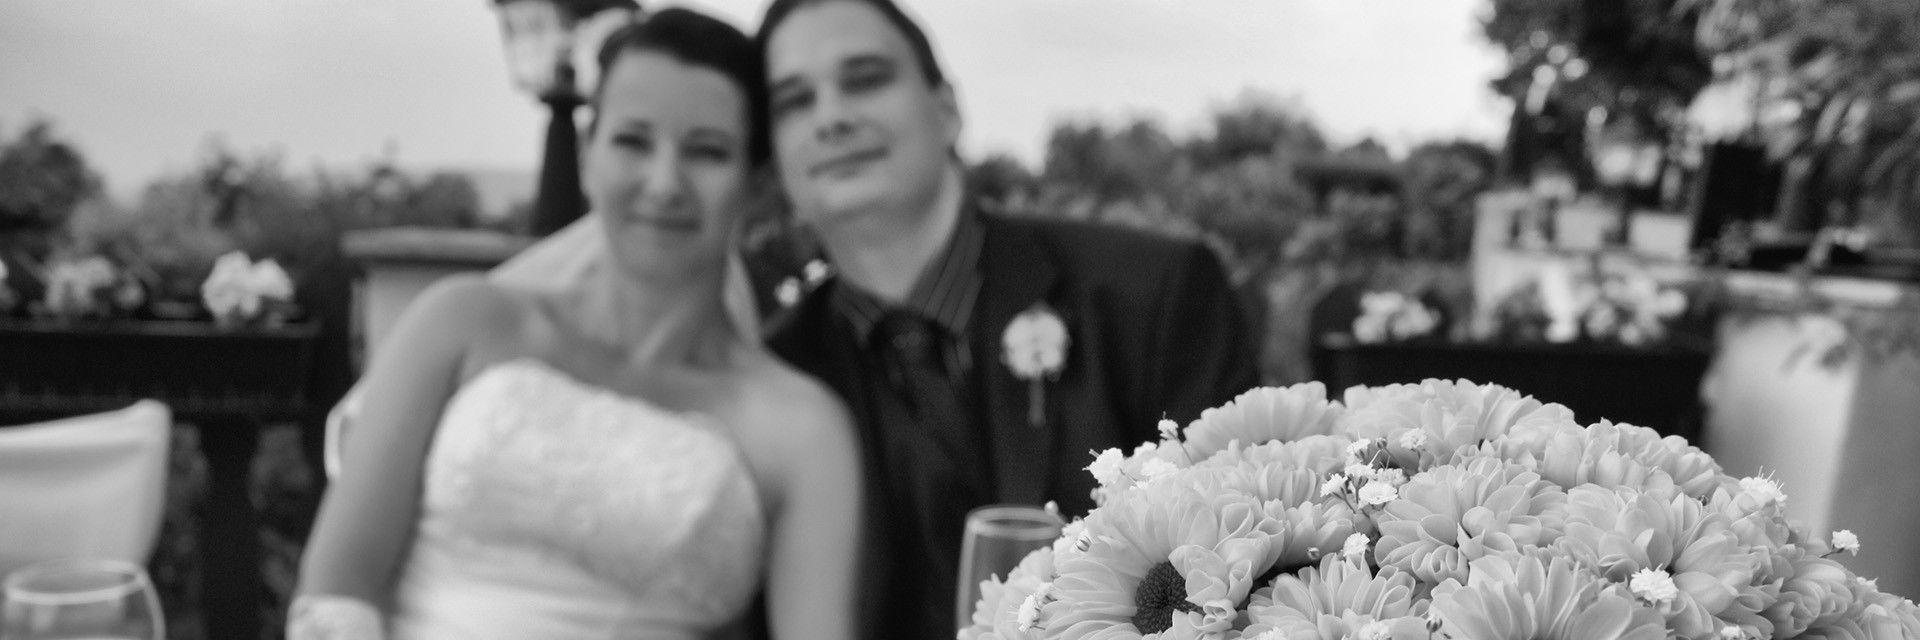 Esküvő fotózás = egy pár életének talán legmeghatározóbb és legbensőségesebb eseményén, mint esküvő fotós részt venni, mindig megtisztelő feladat.